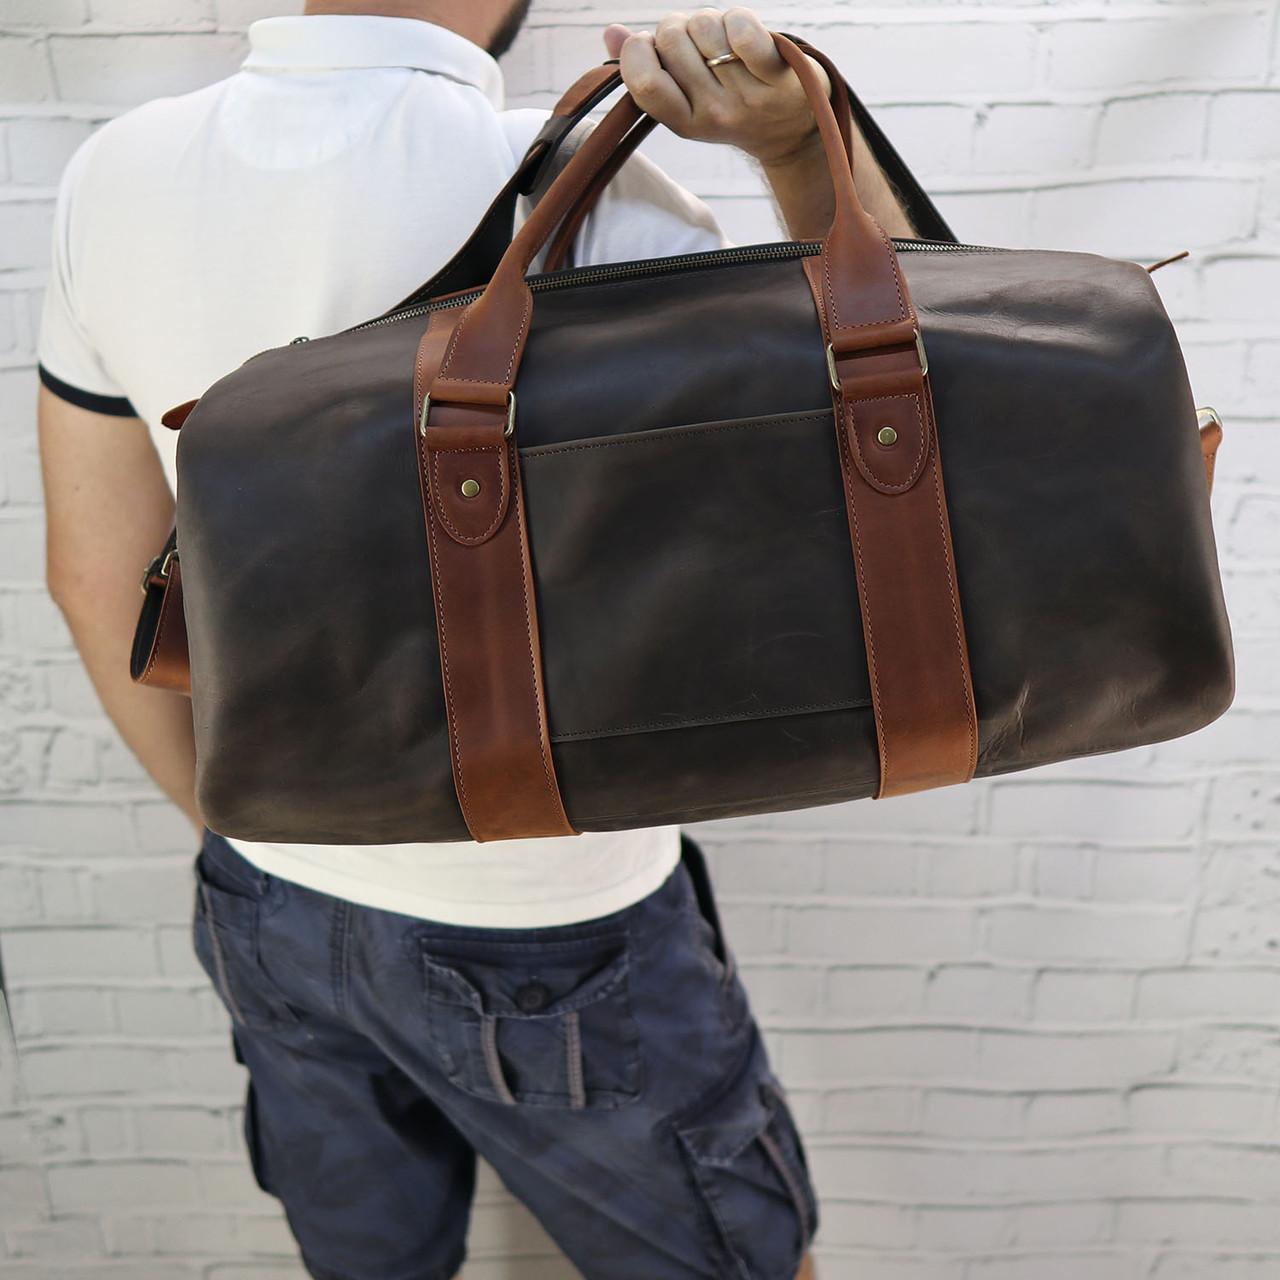 Дорожная сумка tube 2 коричневая из натуральной кожи crazy horse